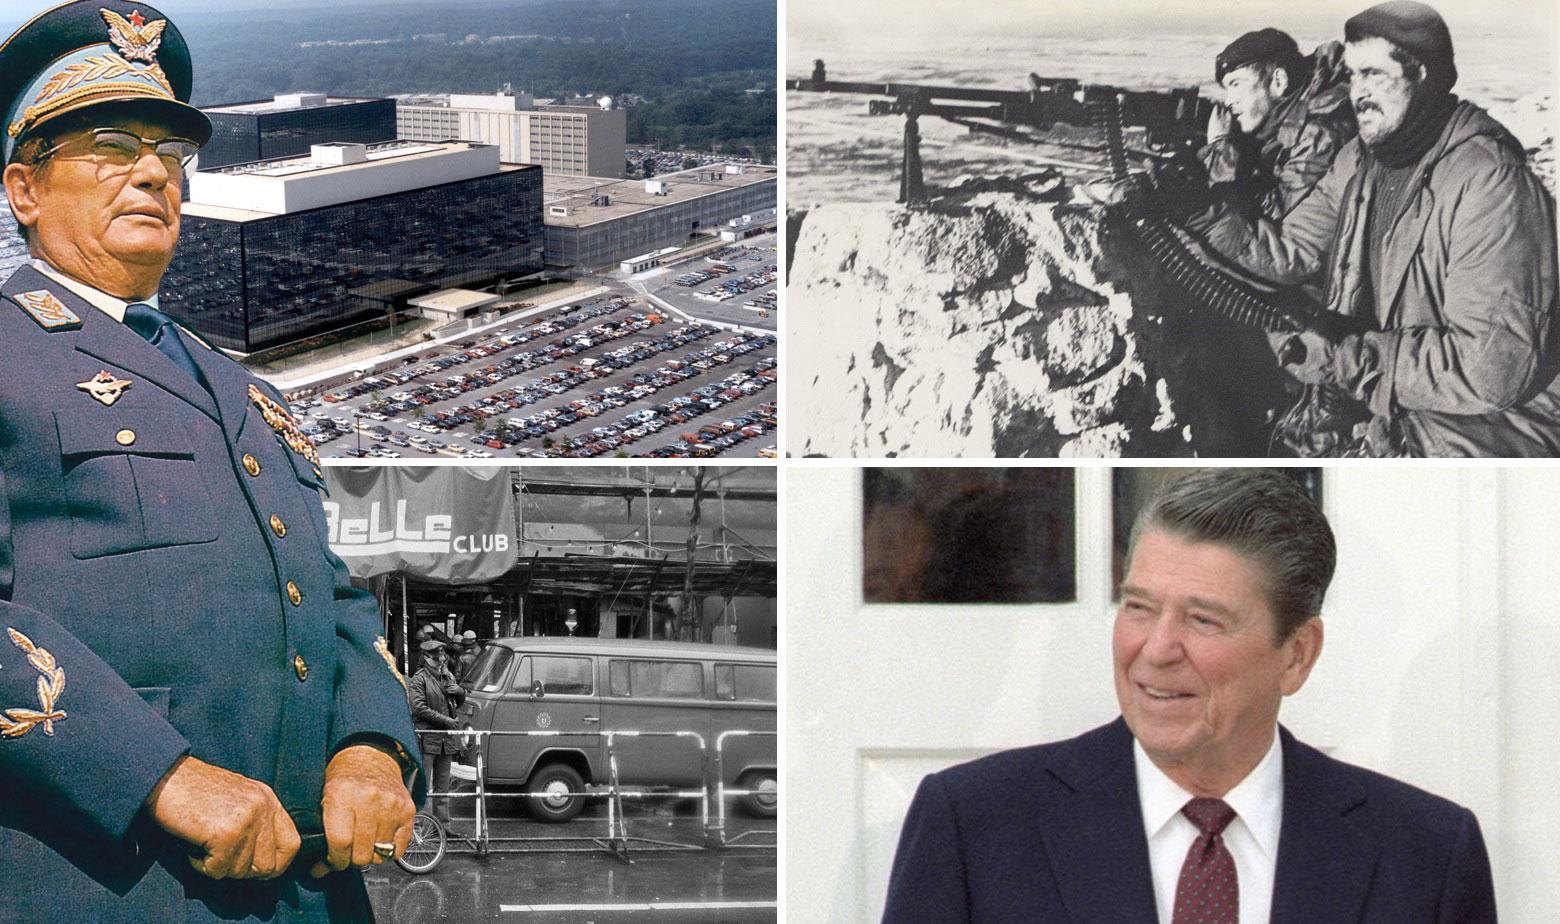 Sjedište NSA (gore lijevo), prizor iz Falklandskog rata (gore desno), napad na noćni klub La Belle u Berlinu 1986. (dolje lijevo), Ronald Reagan (dolje desno), Josip Broz Tito (sasvim lijevo)